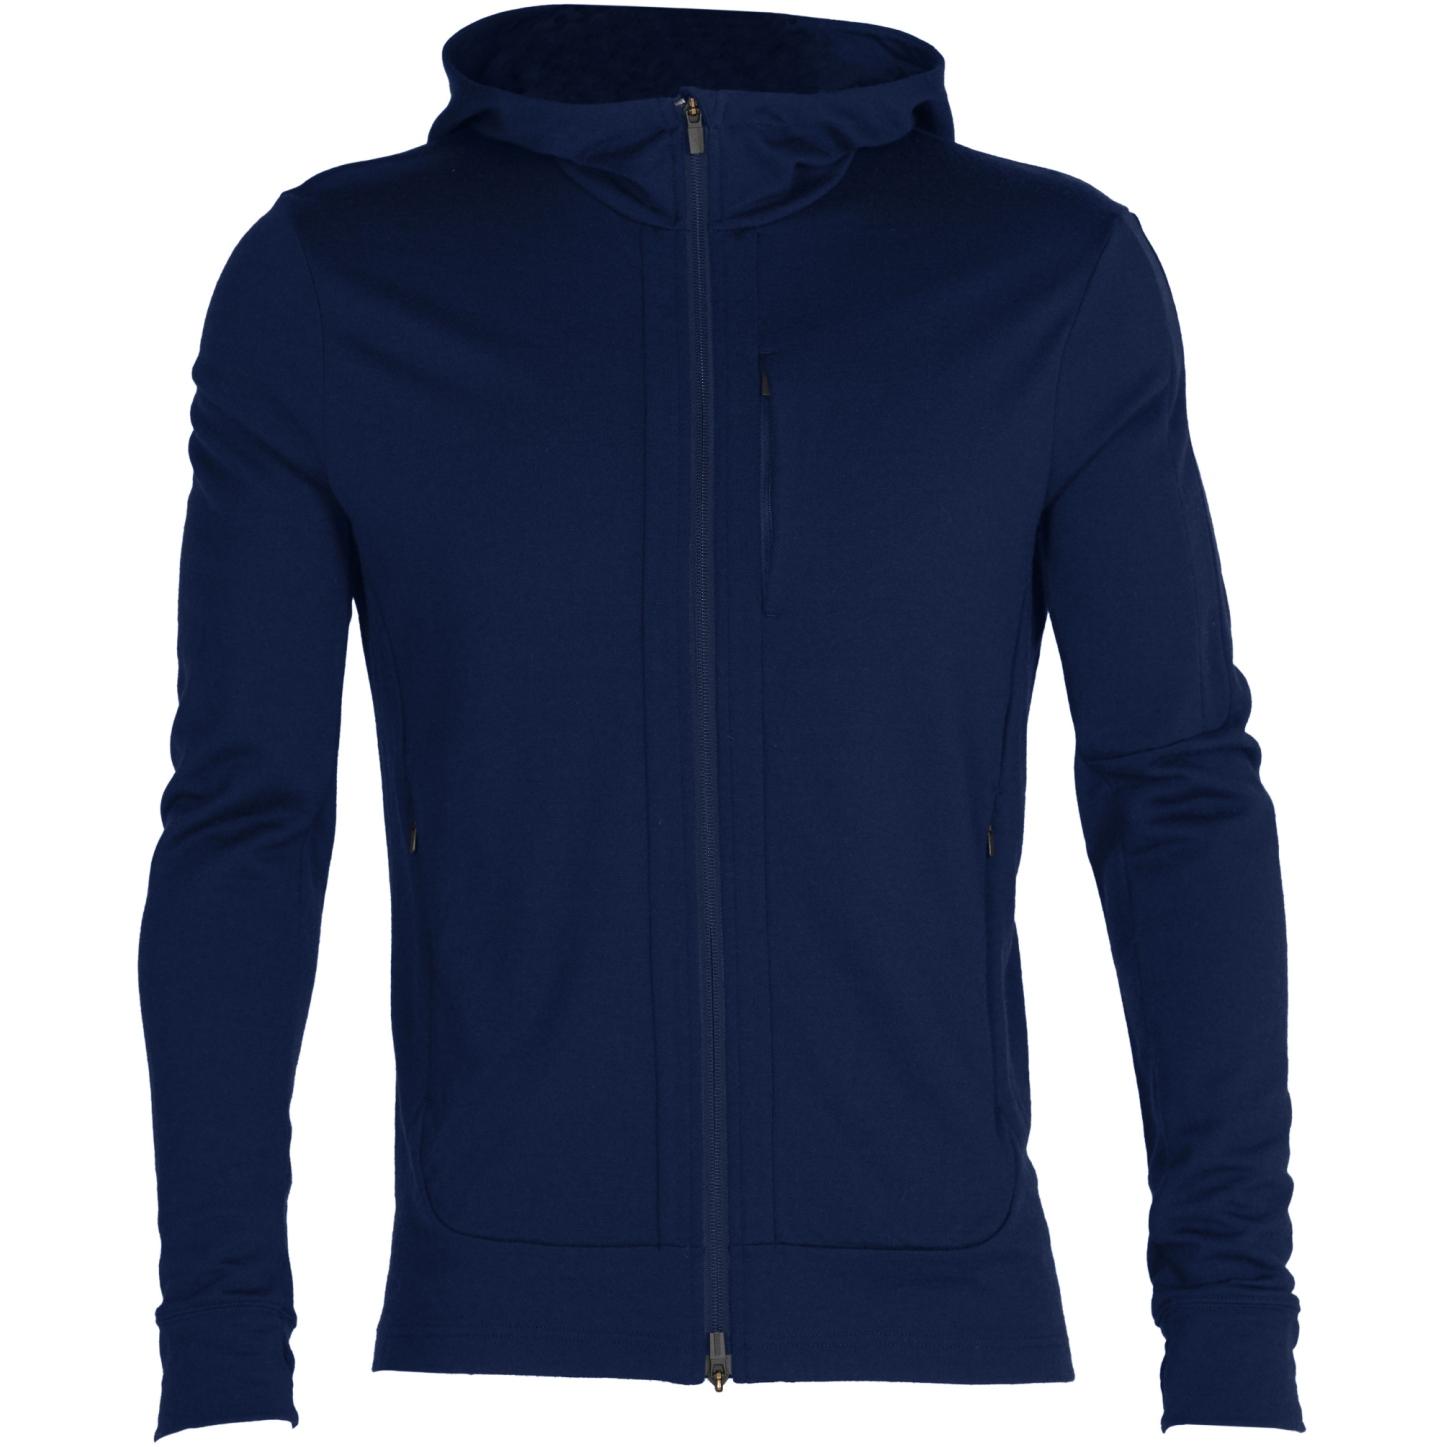 Produktbild von Icebreaker Quantum III Long Sleeve Zip Hood Herren Midlayer Jacke - Royal Navy